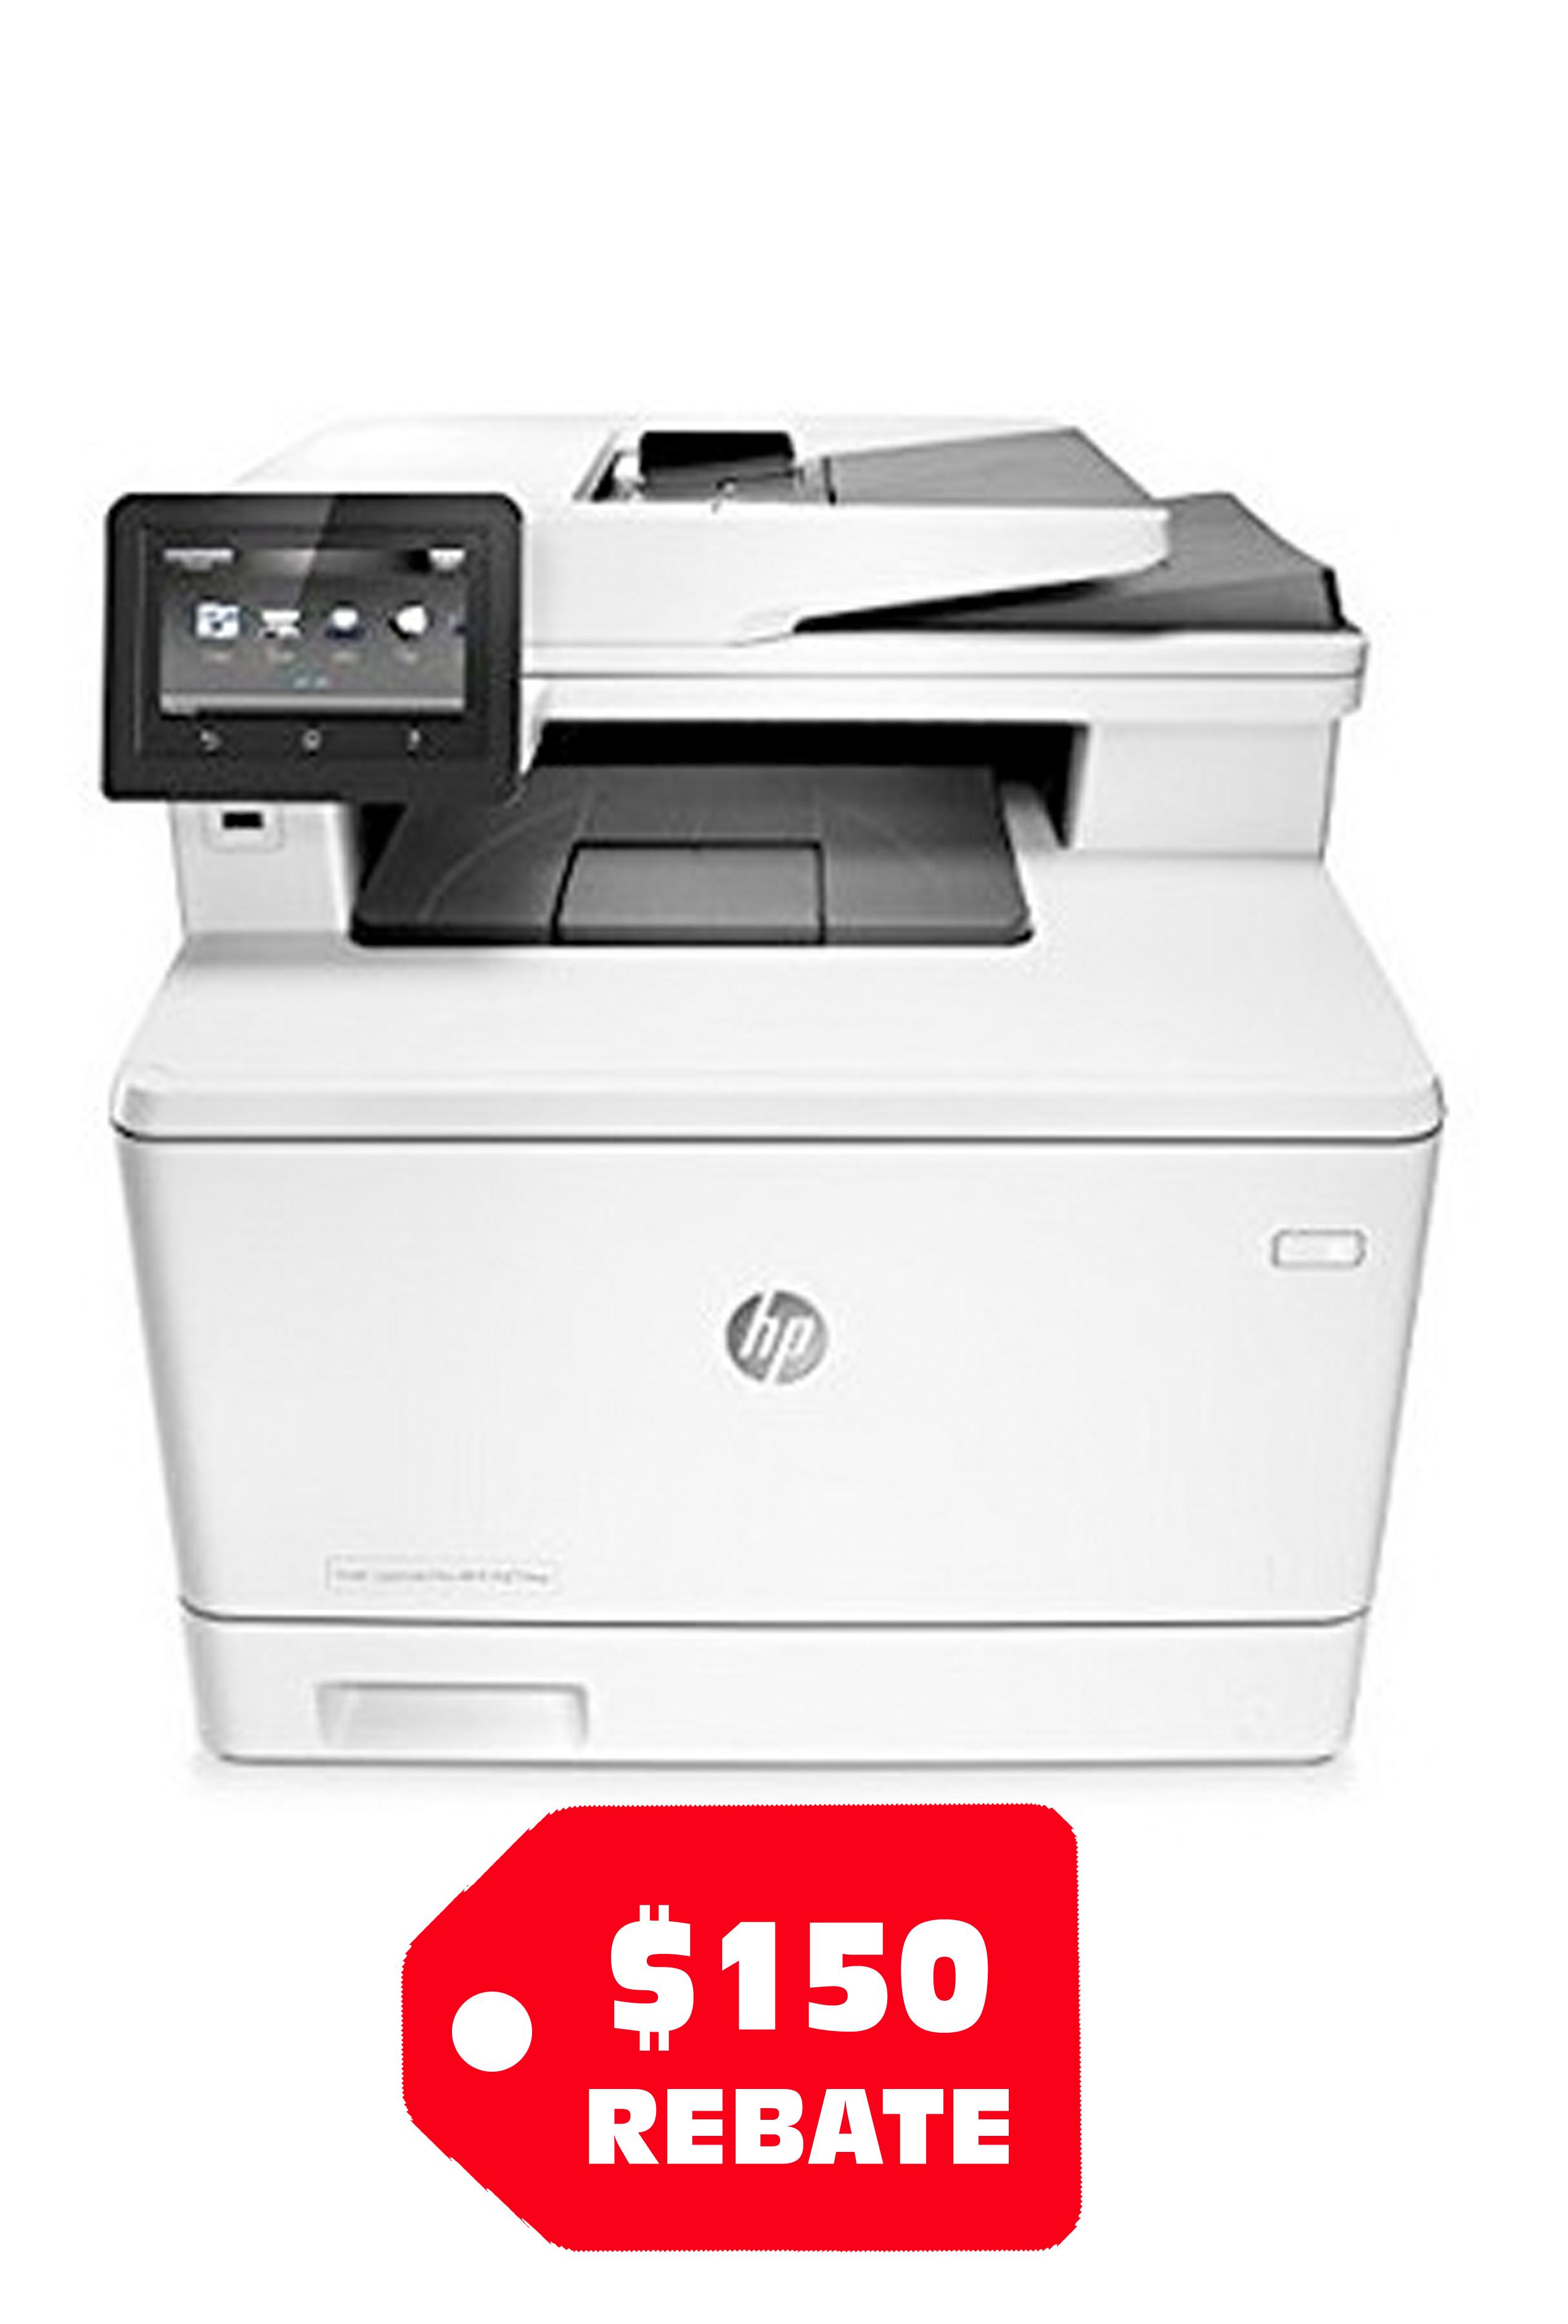 HP Black & White LaserJet Pro MFP M426fdn 40ppm Multifunction...